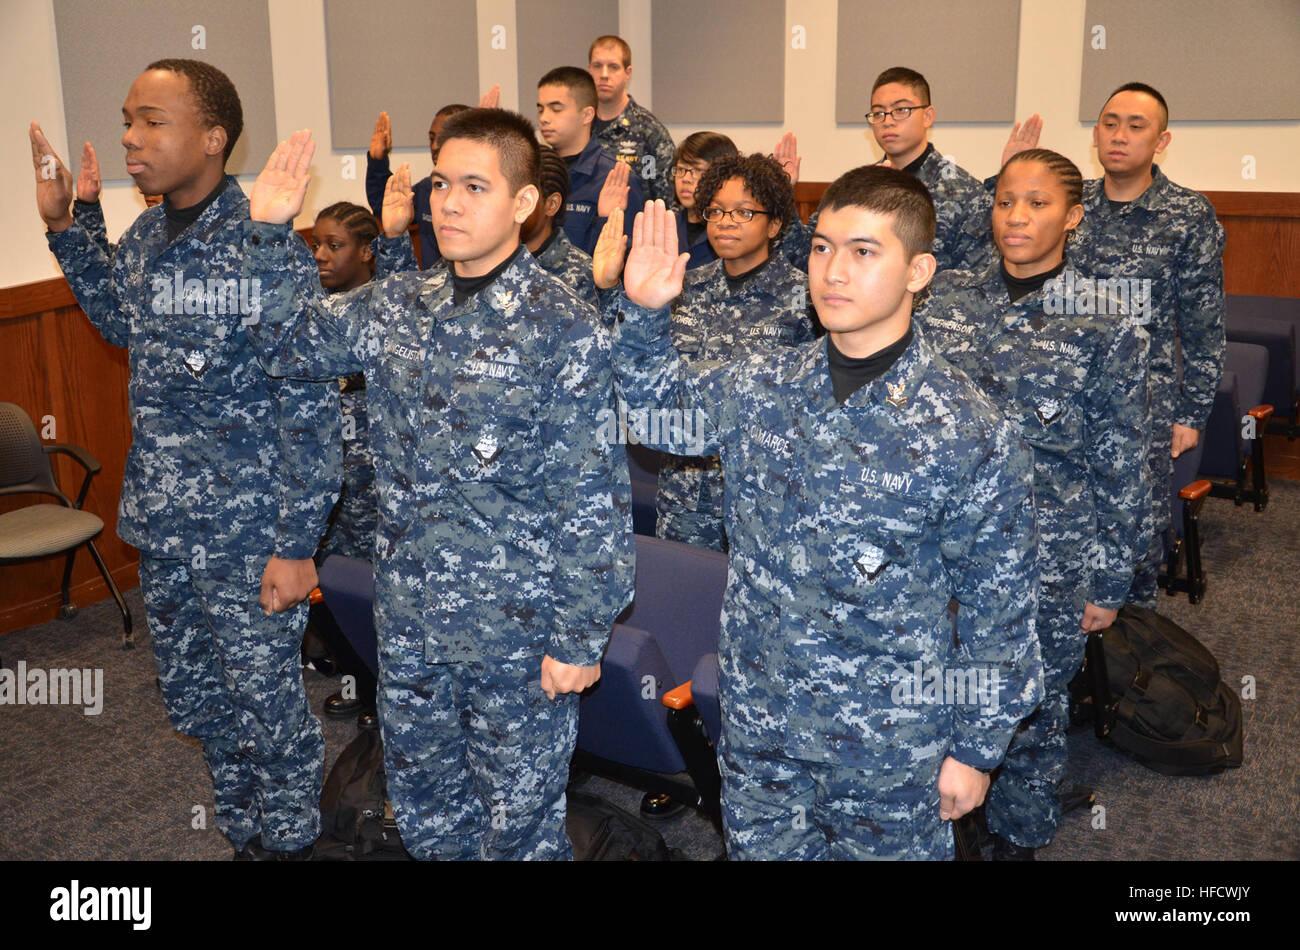 Grandes Lagos, malos (Ene. 23, 2013) veintiún reclutas en la formación de los reclutas comando (RTC) el juramento de lealtad a convertirse en ciudadanos de los Estados Unidos. Desde 2010, los Servicios de Inmigración y Ciudadanía de EE.UU., en asociación con el RTC, ha acelerado la ciudadanía para más de 1.650 reclutas en el campamento de entrenamiento. (Ee.Uu. Navy photo by Brian Walsh/liberado) 130123-N-BN978-012 Únase a la conversación http://www.facebook.com/USNavy http://www.twitter.com/USNavy http://navylive.dodlive.mil recluta a convertirse en ciudadanos estadounidenses. (8414177838) Foto de stock